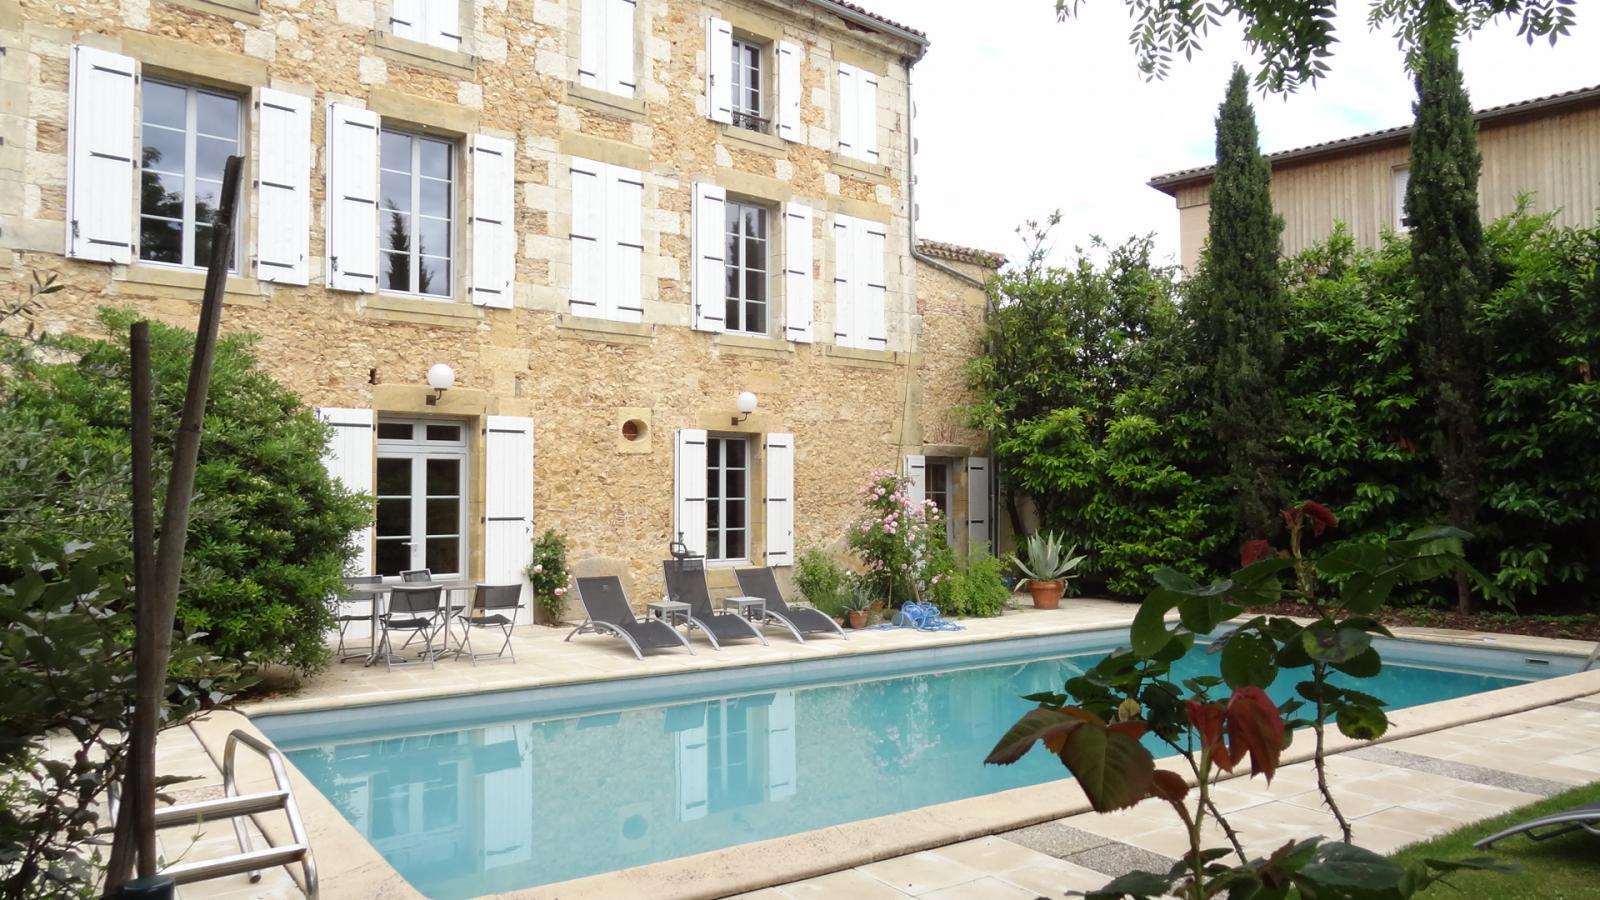 Le Clos D'argenson : Hôtel Et Autre Hébergement Bergerac ... à Horaire Piscine Bergerac